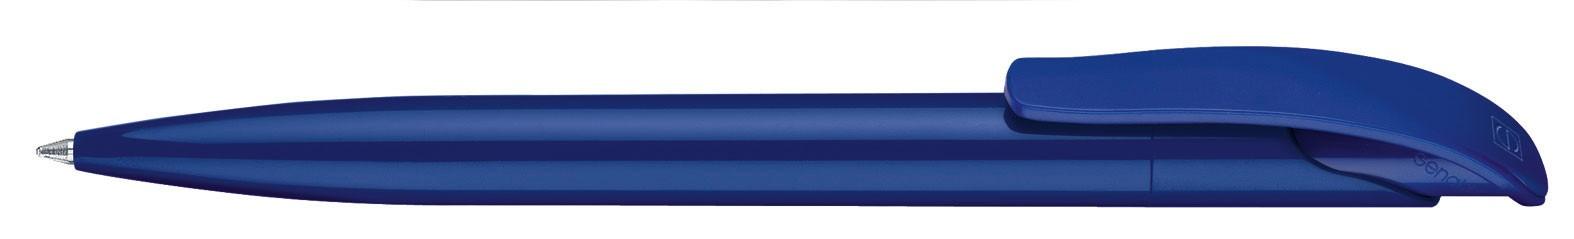 Stylo publicitaire écologique Challenger Polished - stylo personnalisable